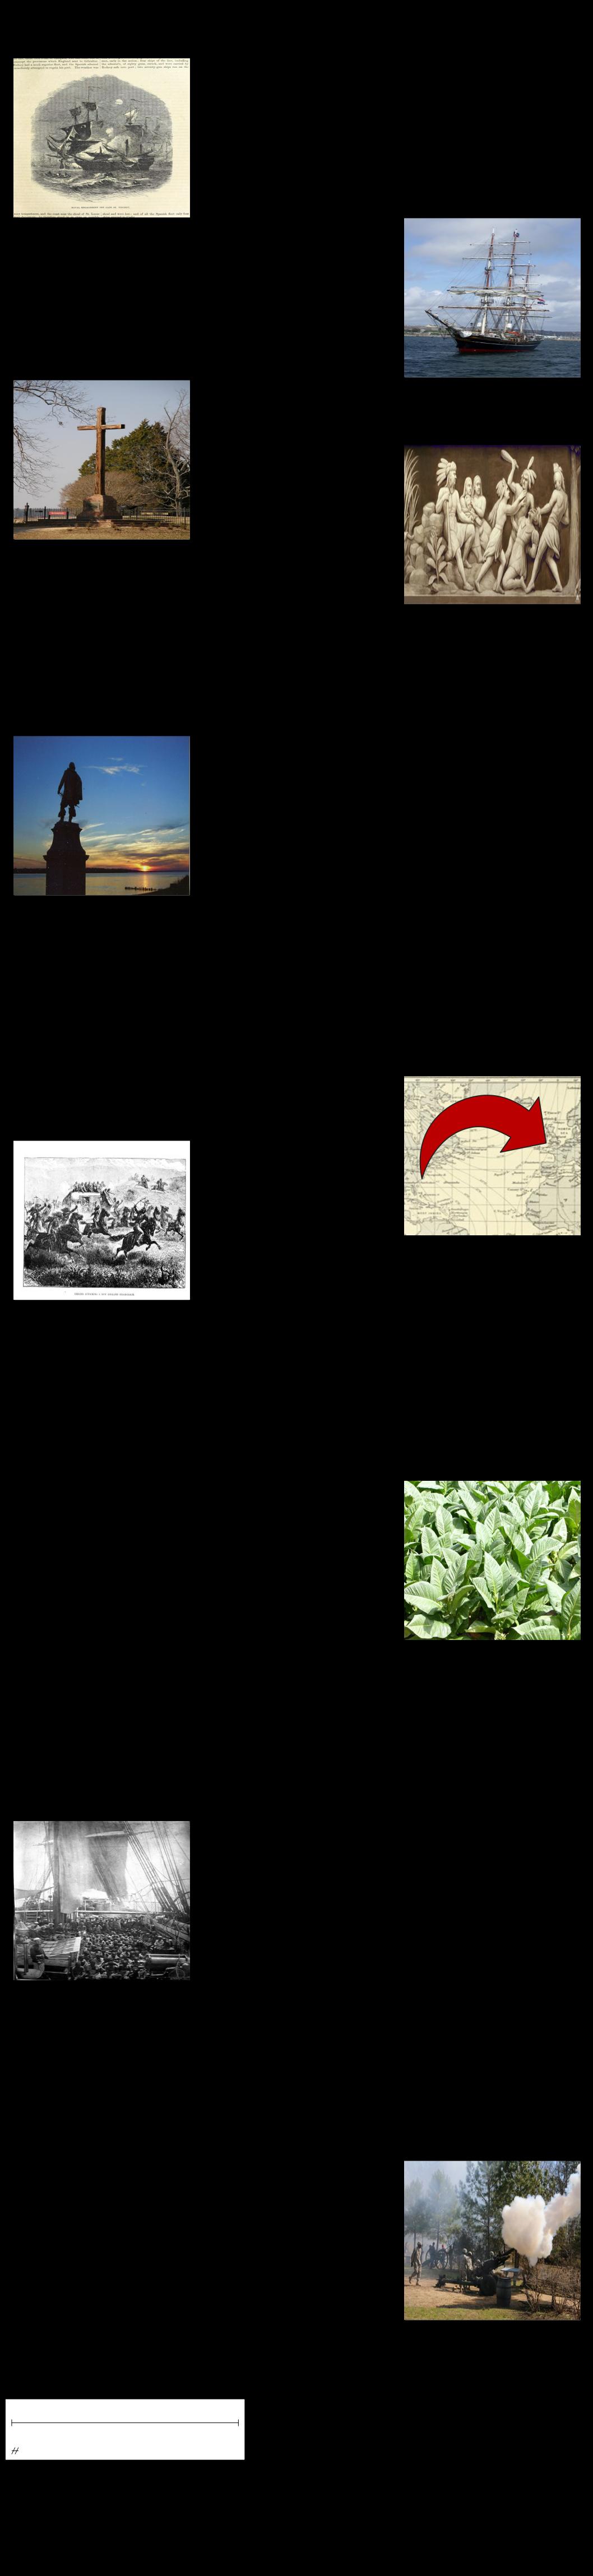 वर्जीनिया के सामान्य इतिहास की समय रेखा